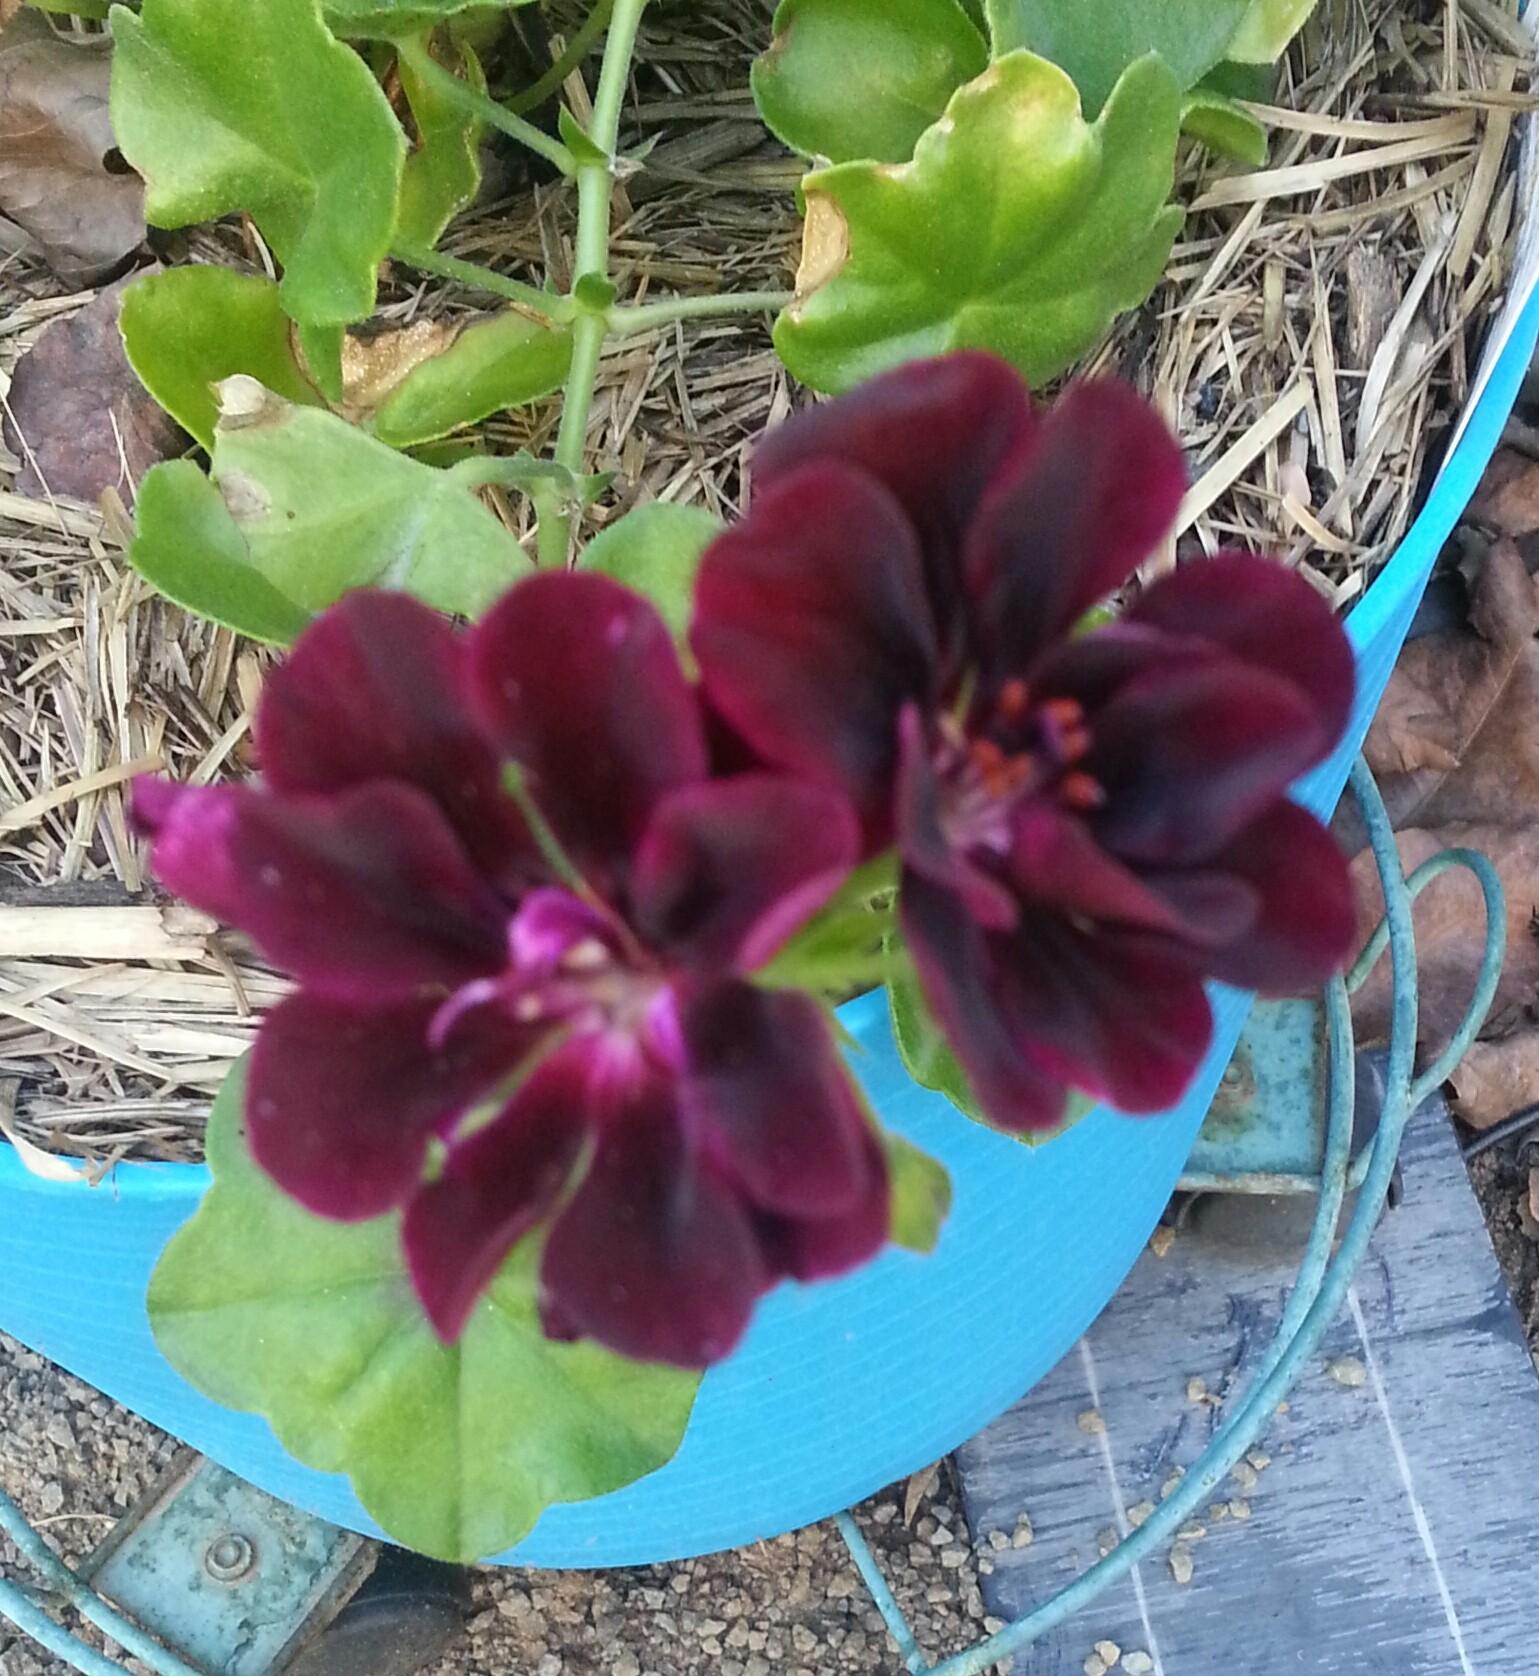 Pelargonium/Geranium lovely deep red